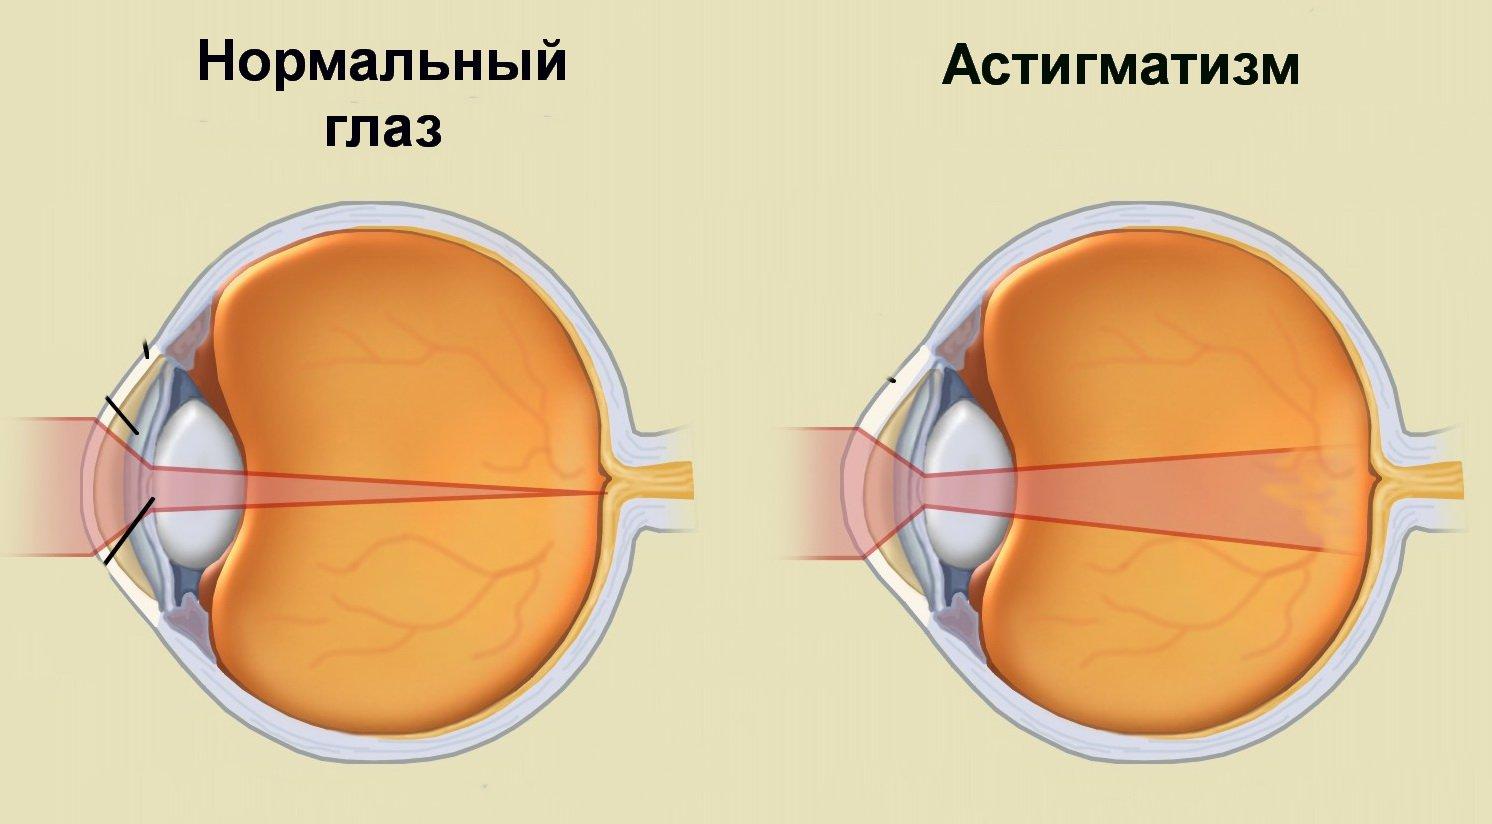 spirálok a látás helyreállításához hogyan kell kezelni a látást mínusz 4